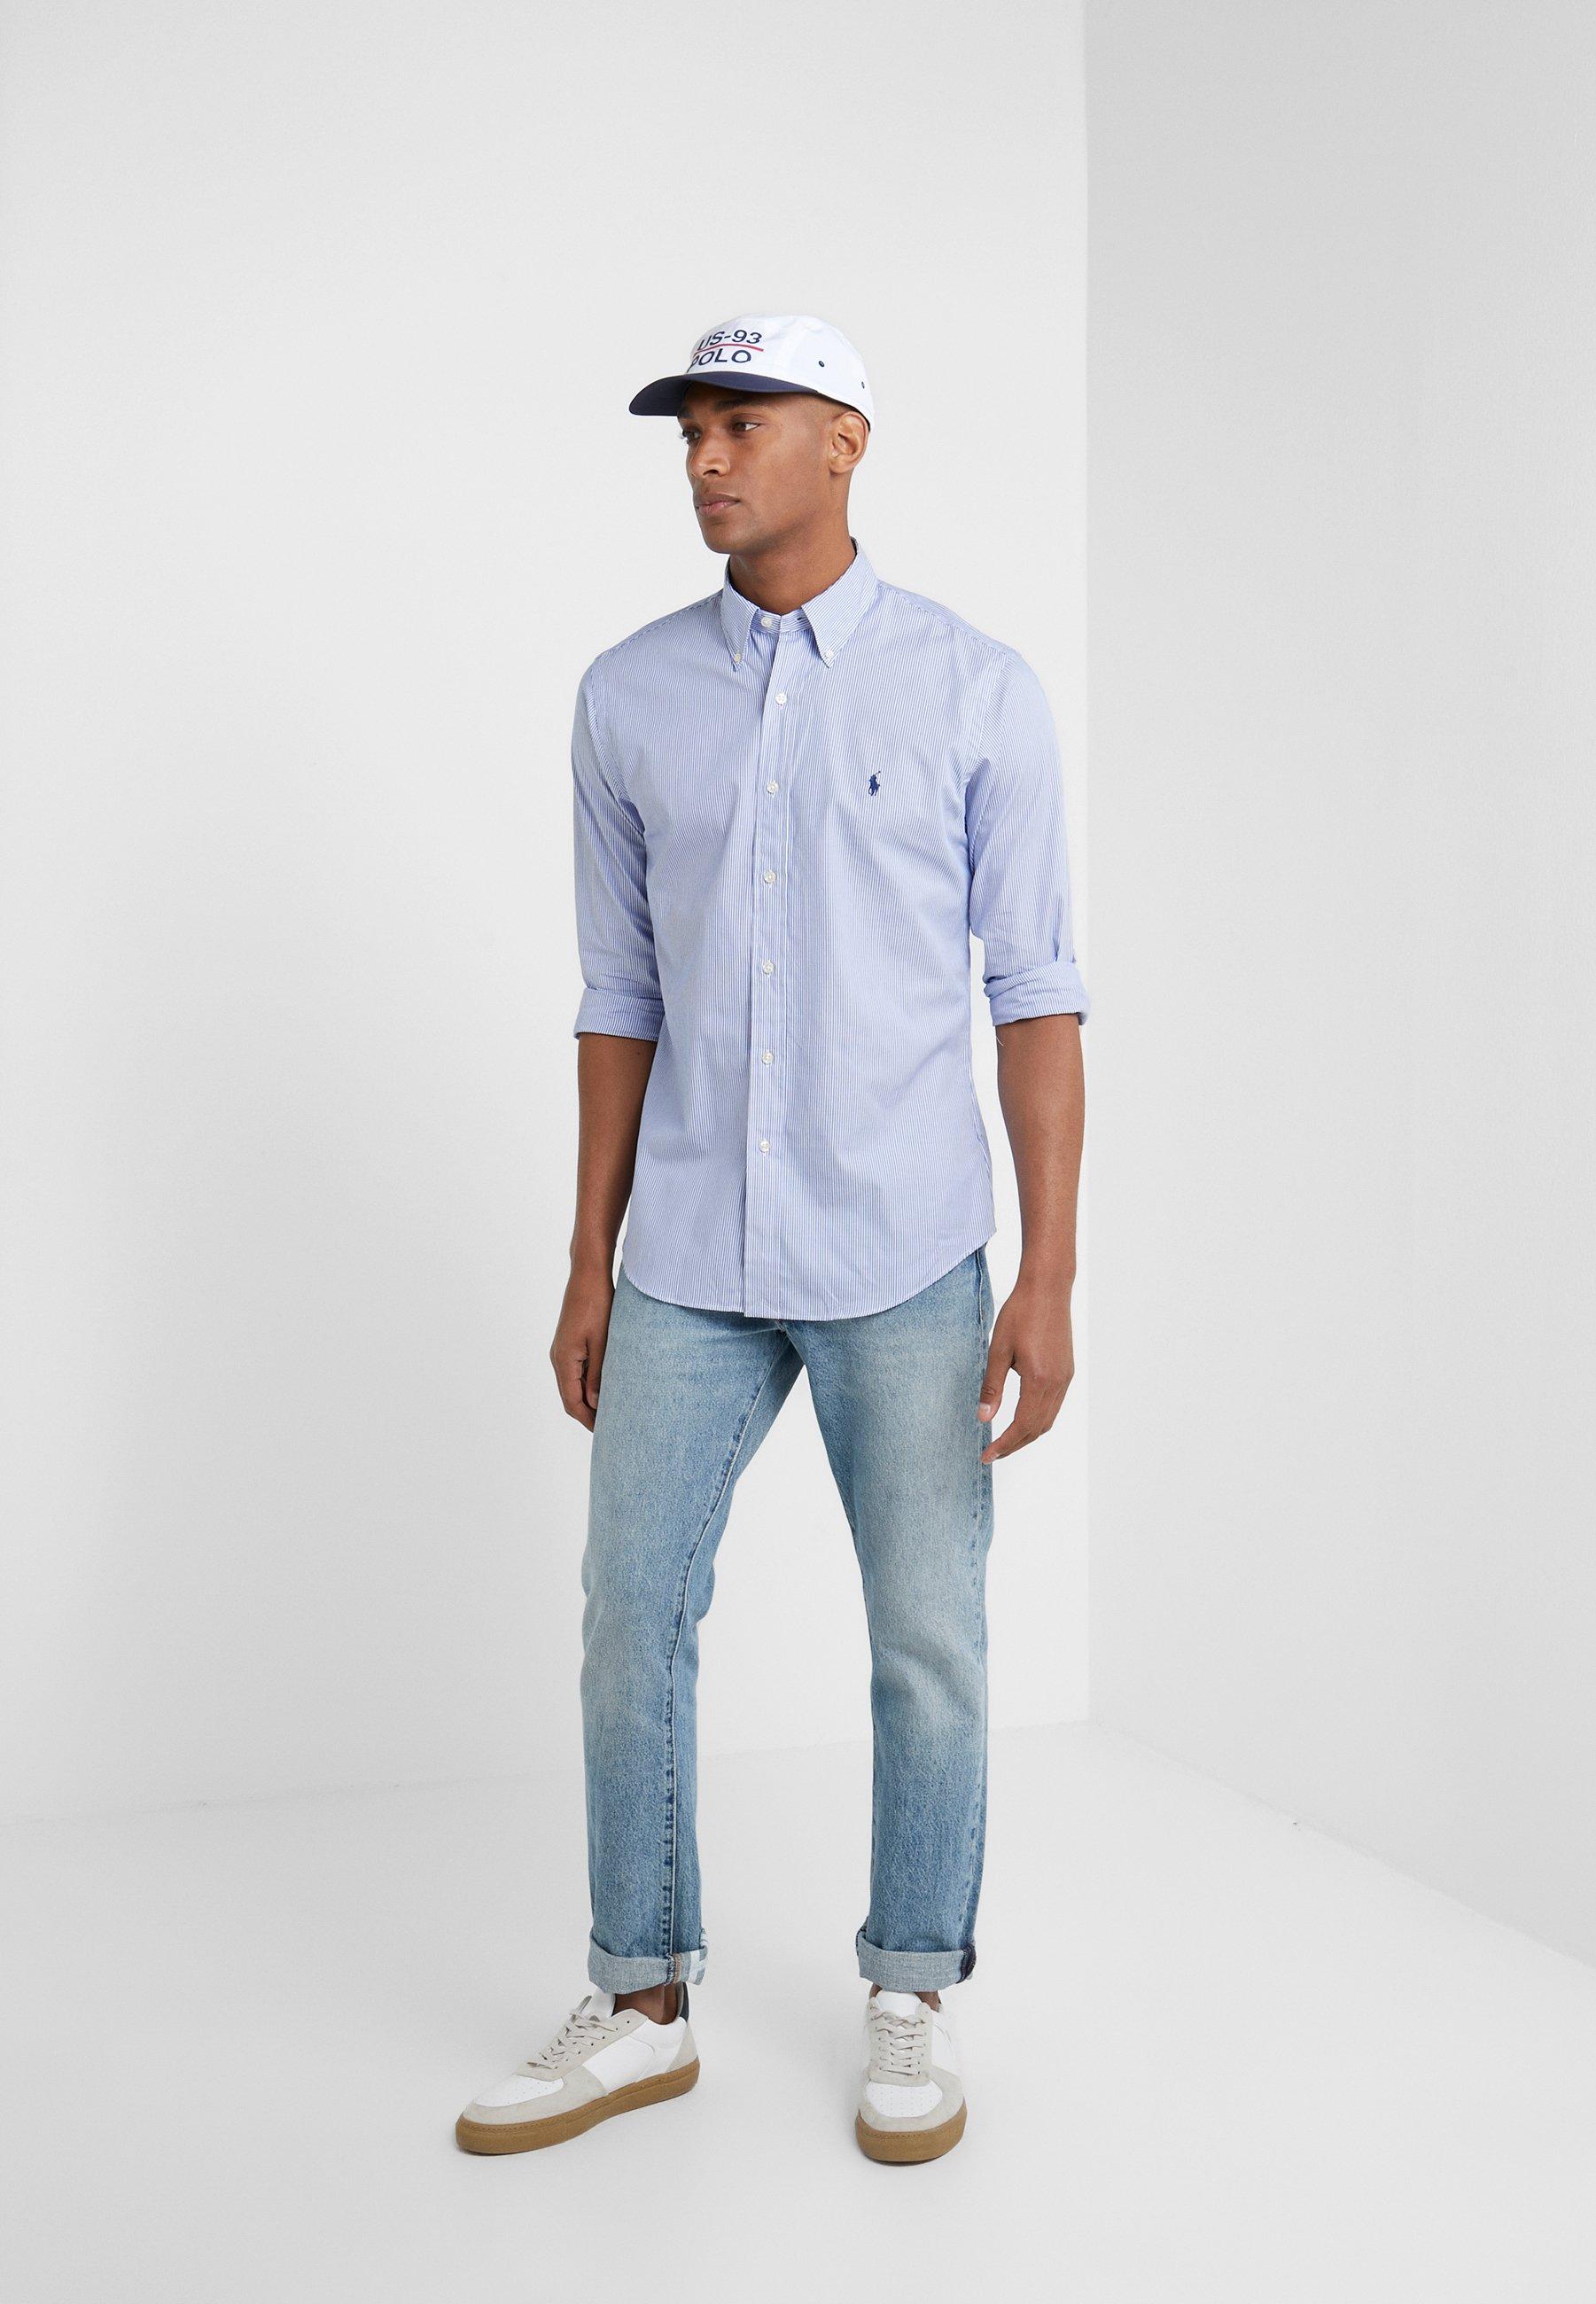 Polo Ralph Lauren Natural Slim Fit - Skjorter Blue/white